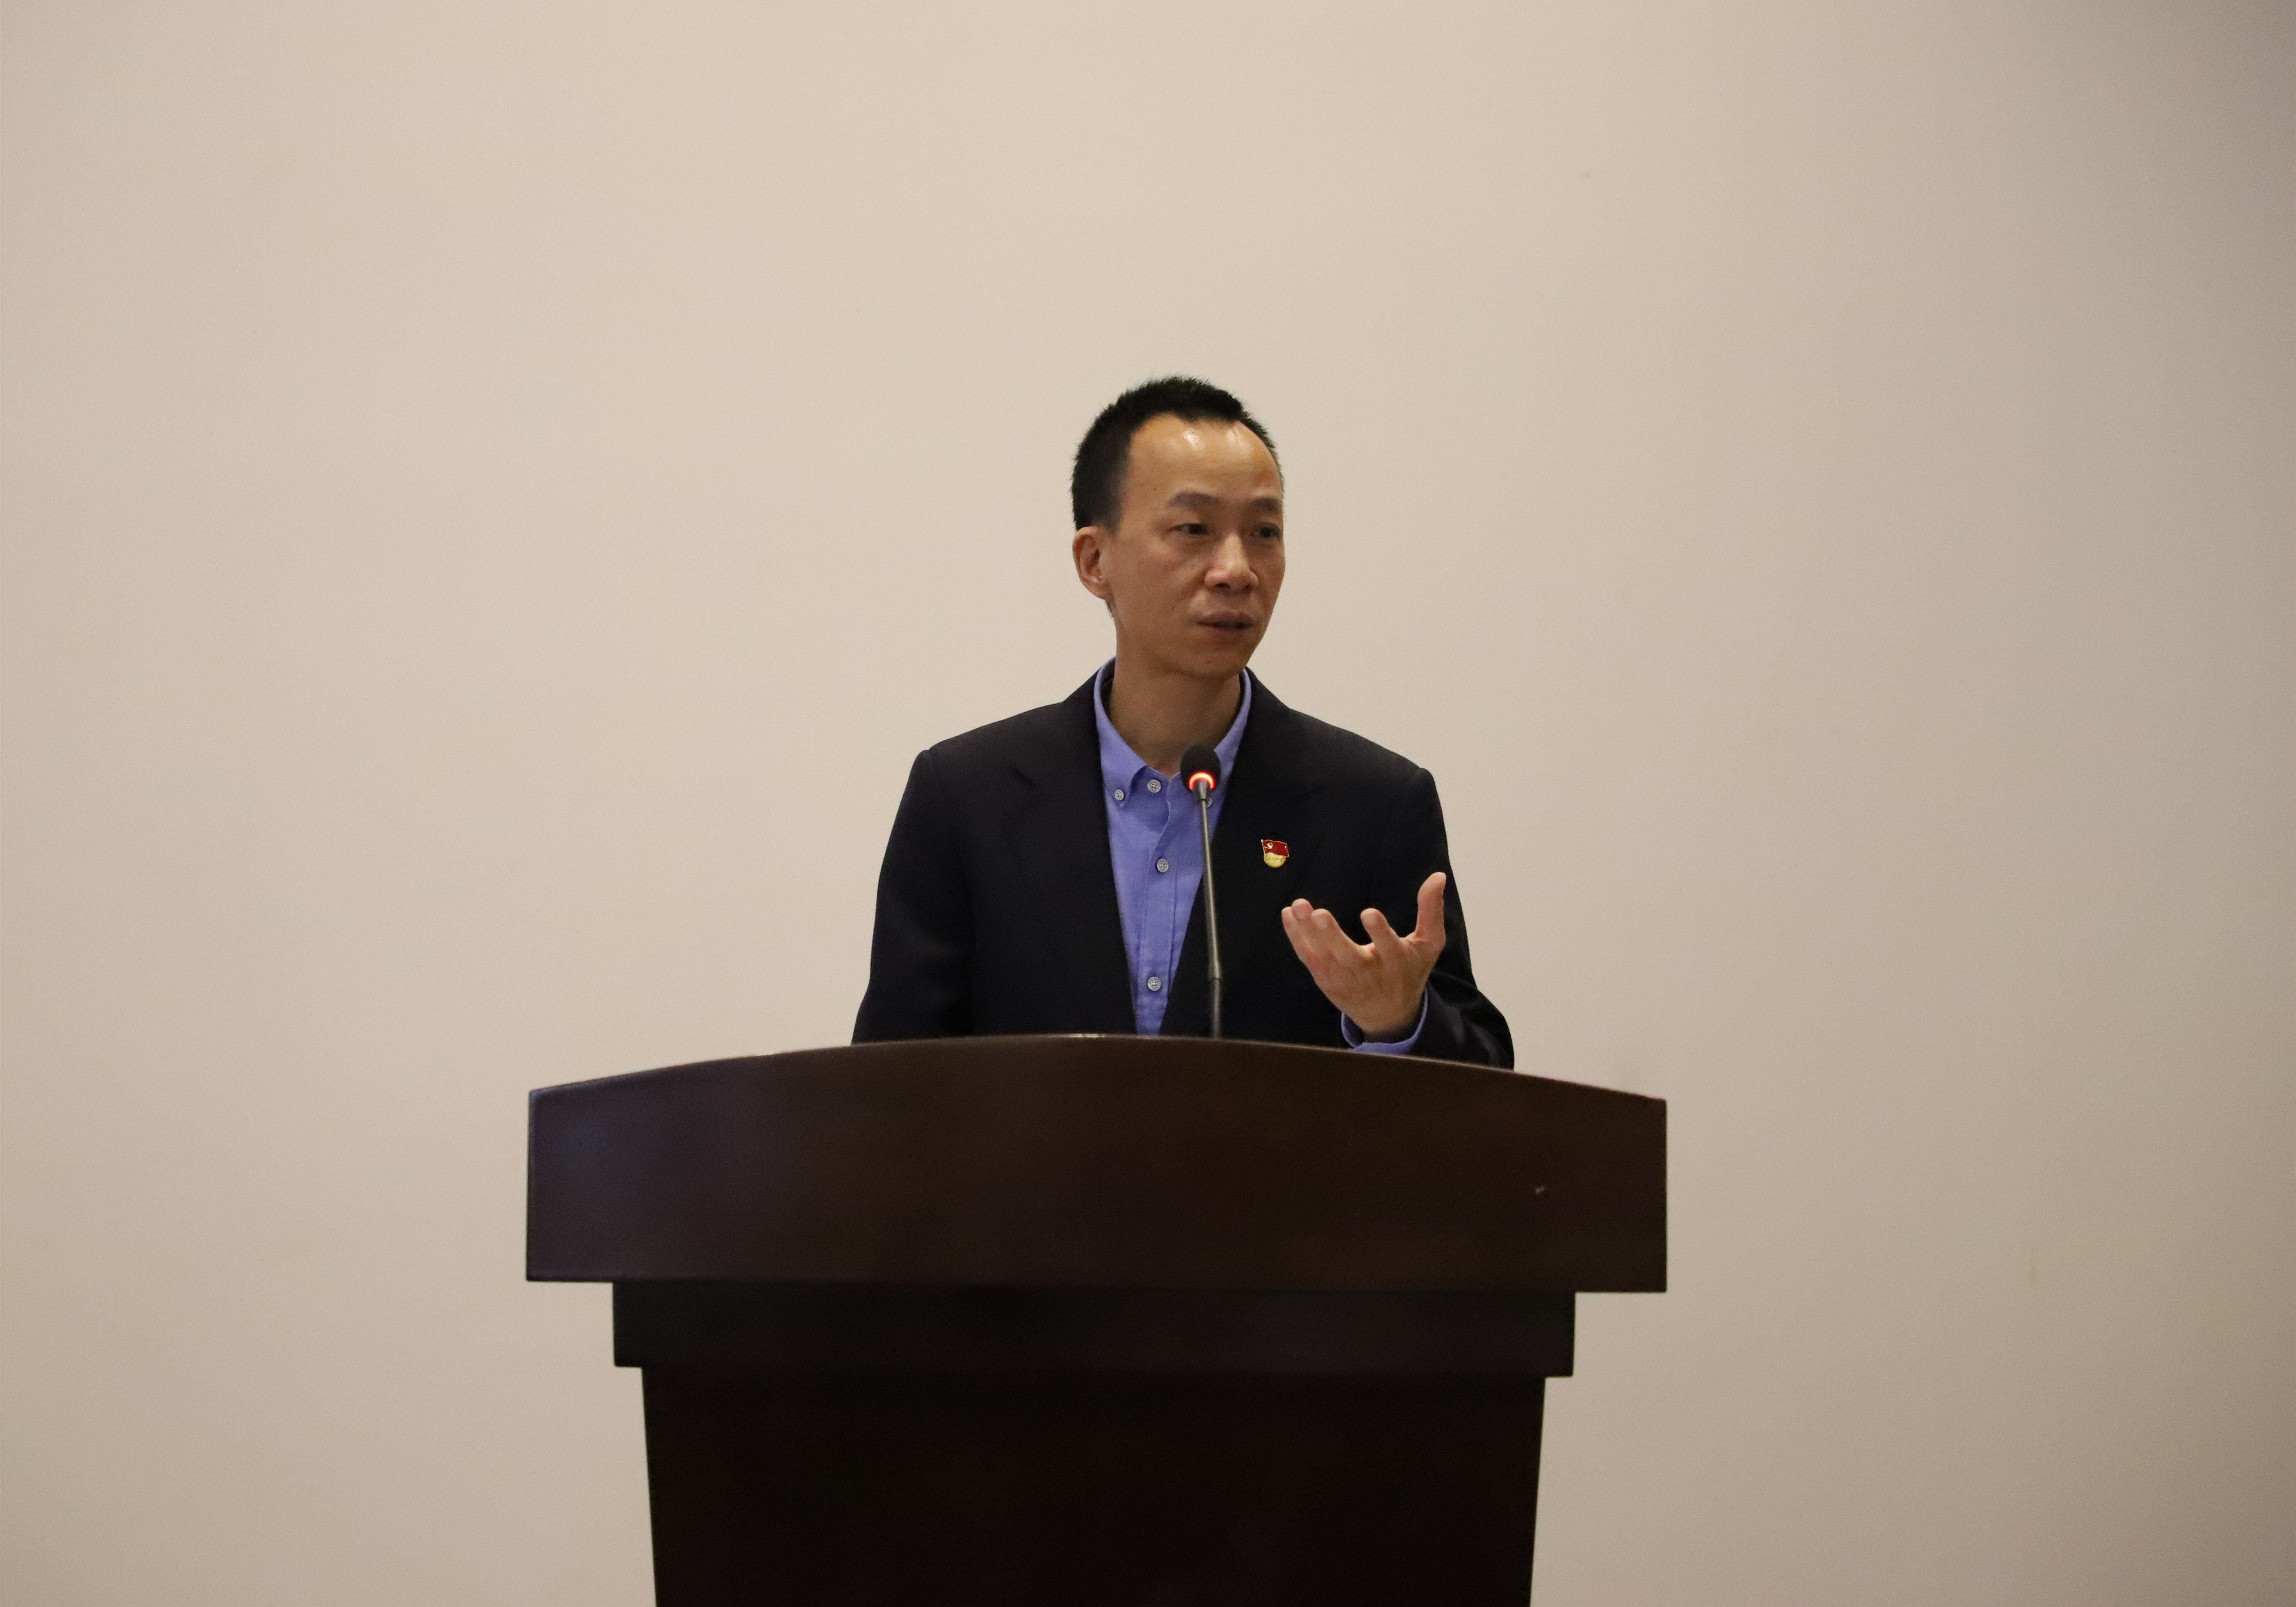 3.三亞信投與三亞建行成功簽訂智慧市場戰略合作協議.jpg